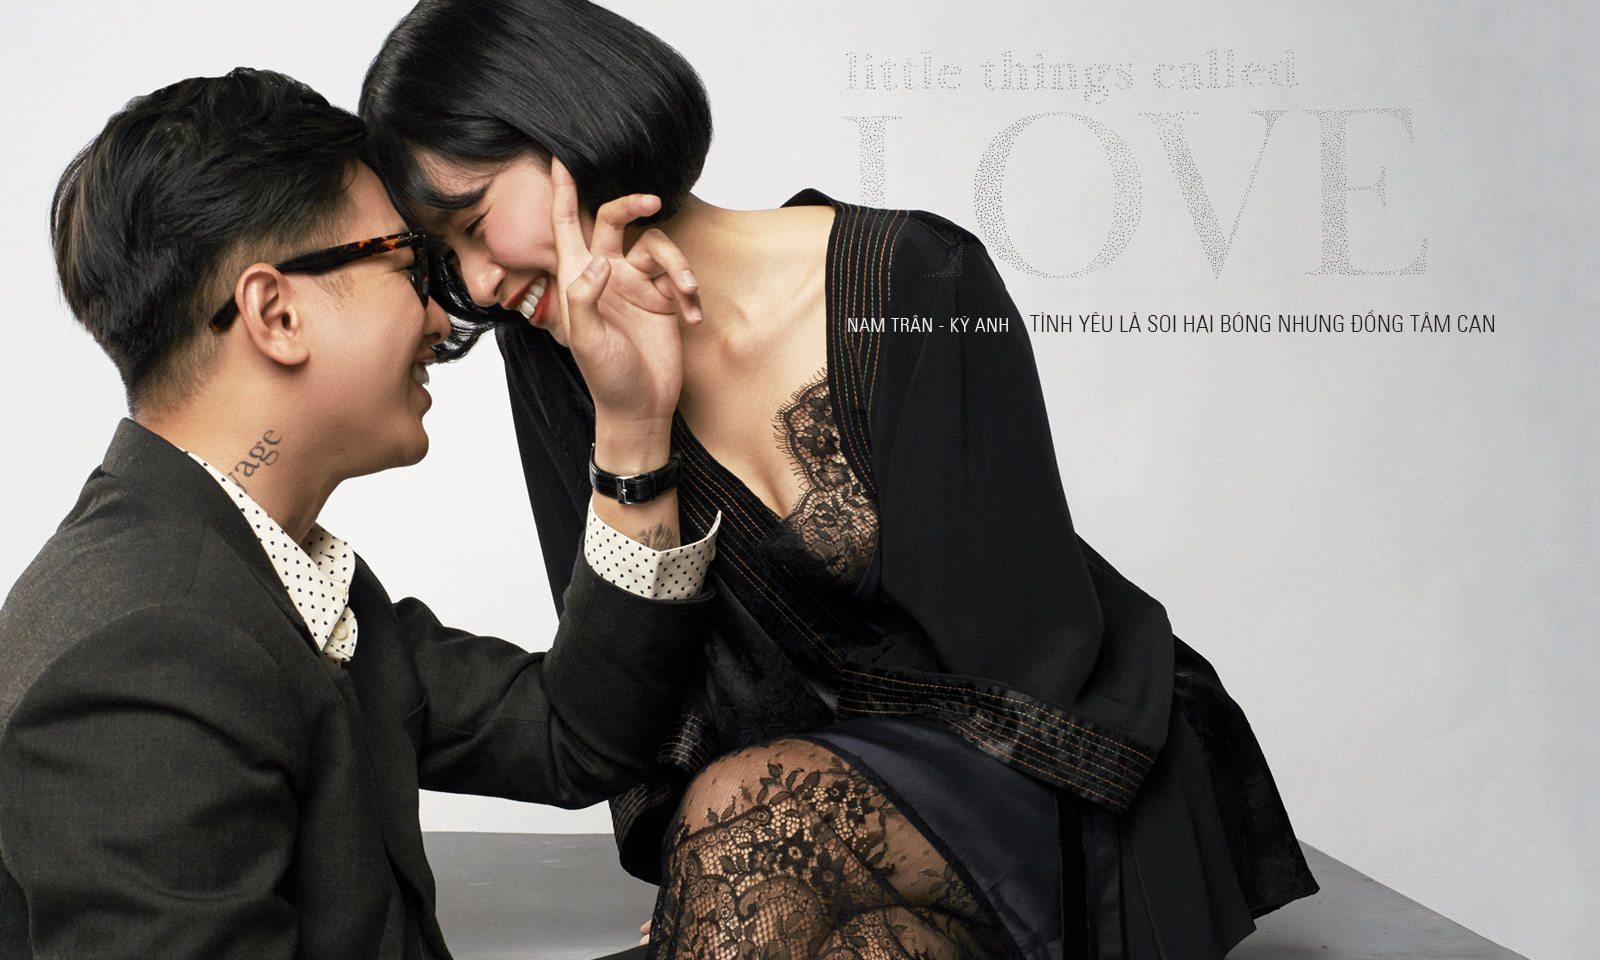 Nhà thơ Nam Trân – Nhiếp ảnh gia Kỳ Anh Trần: Tình yêu là soi hai bóng nhưng đồng tâm can